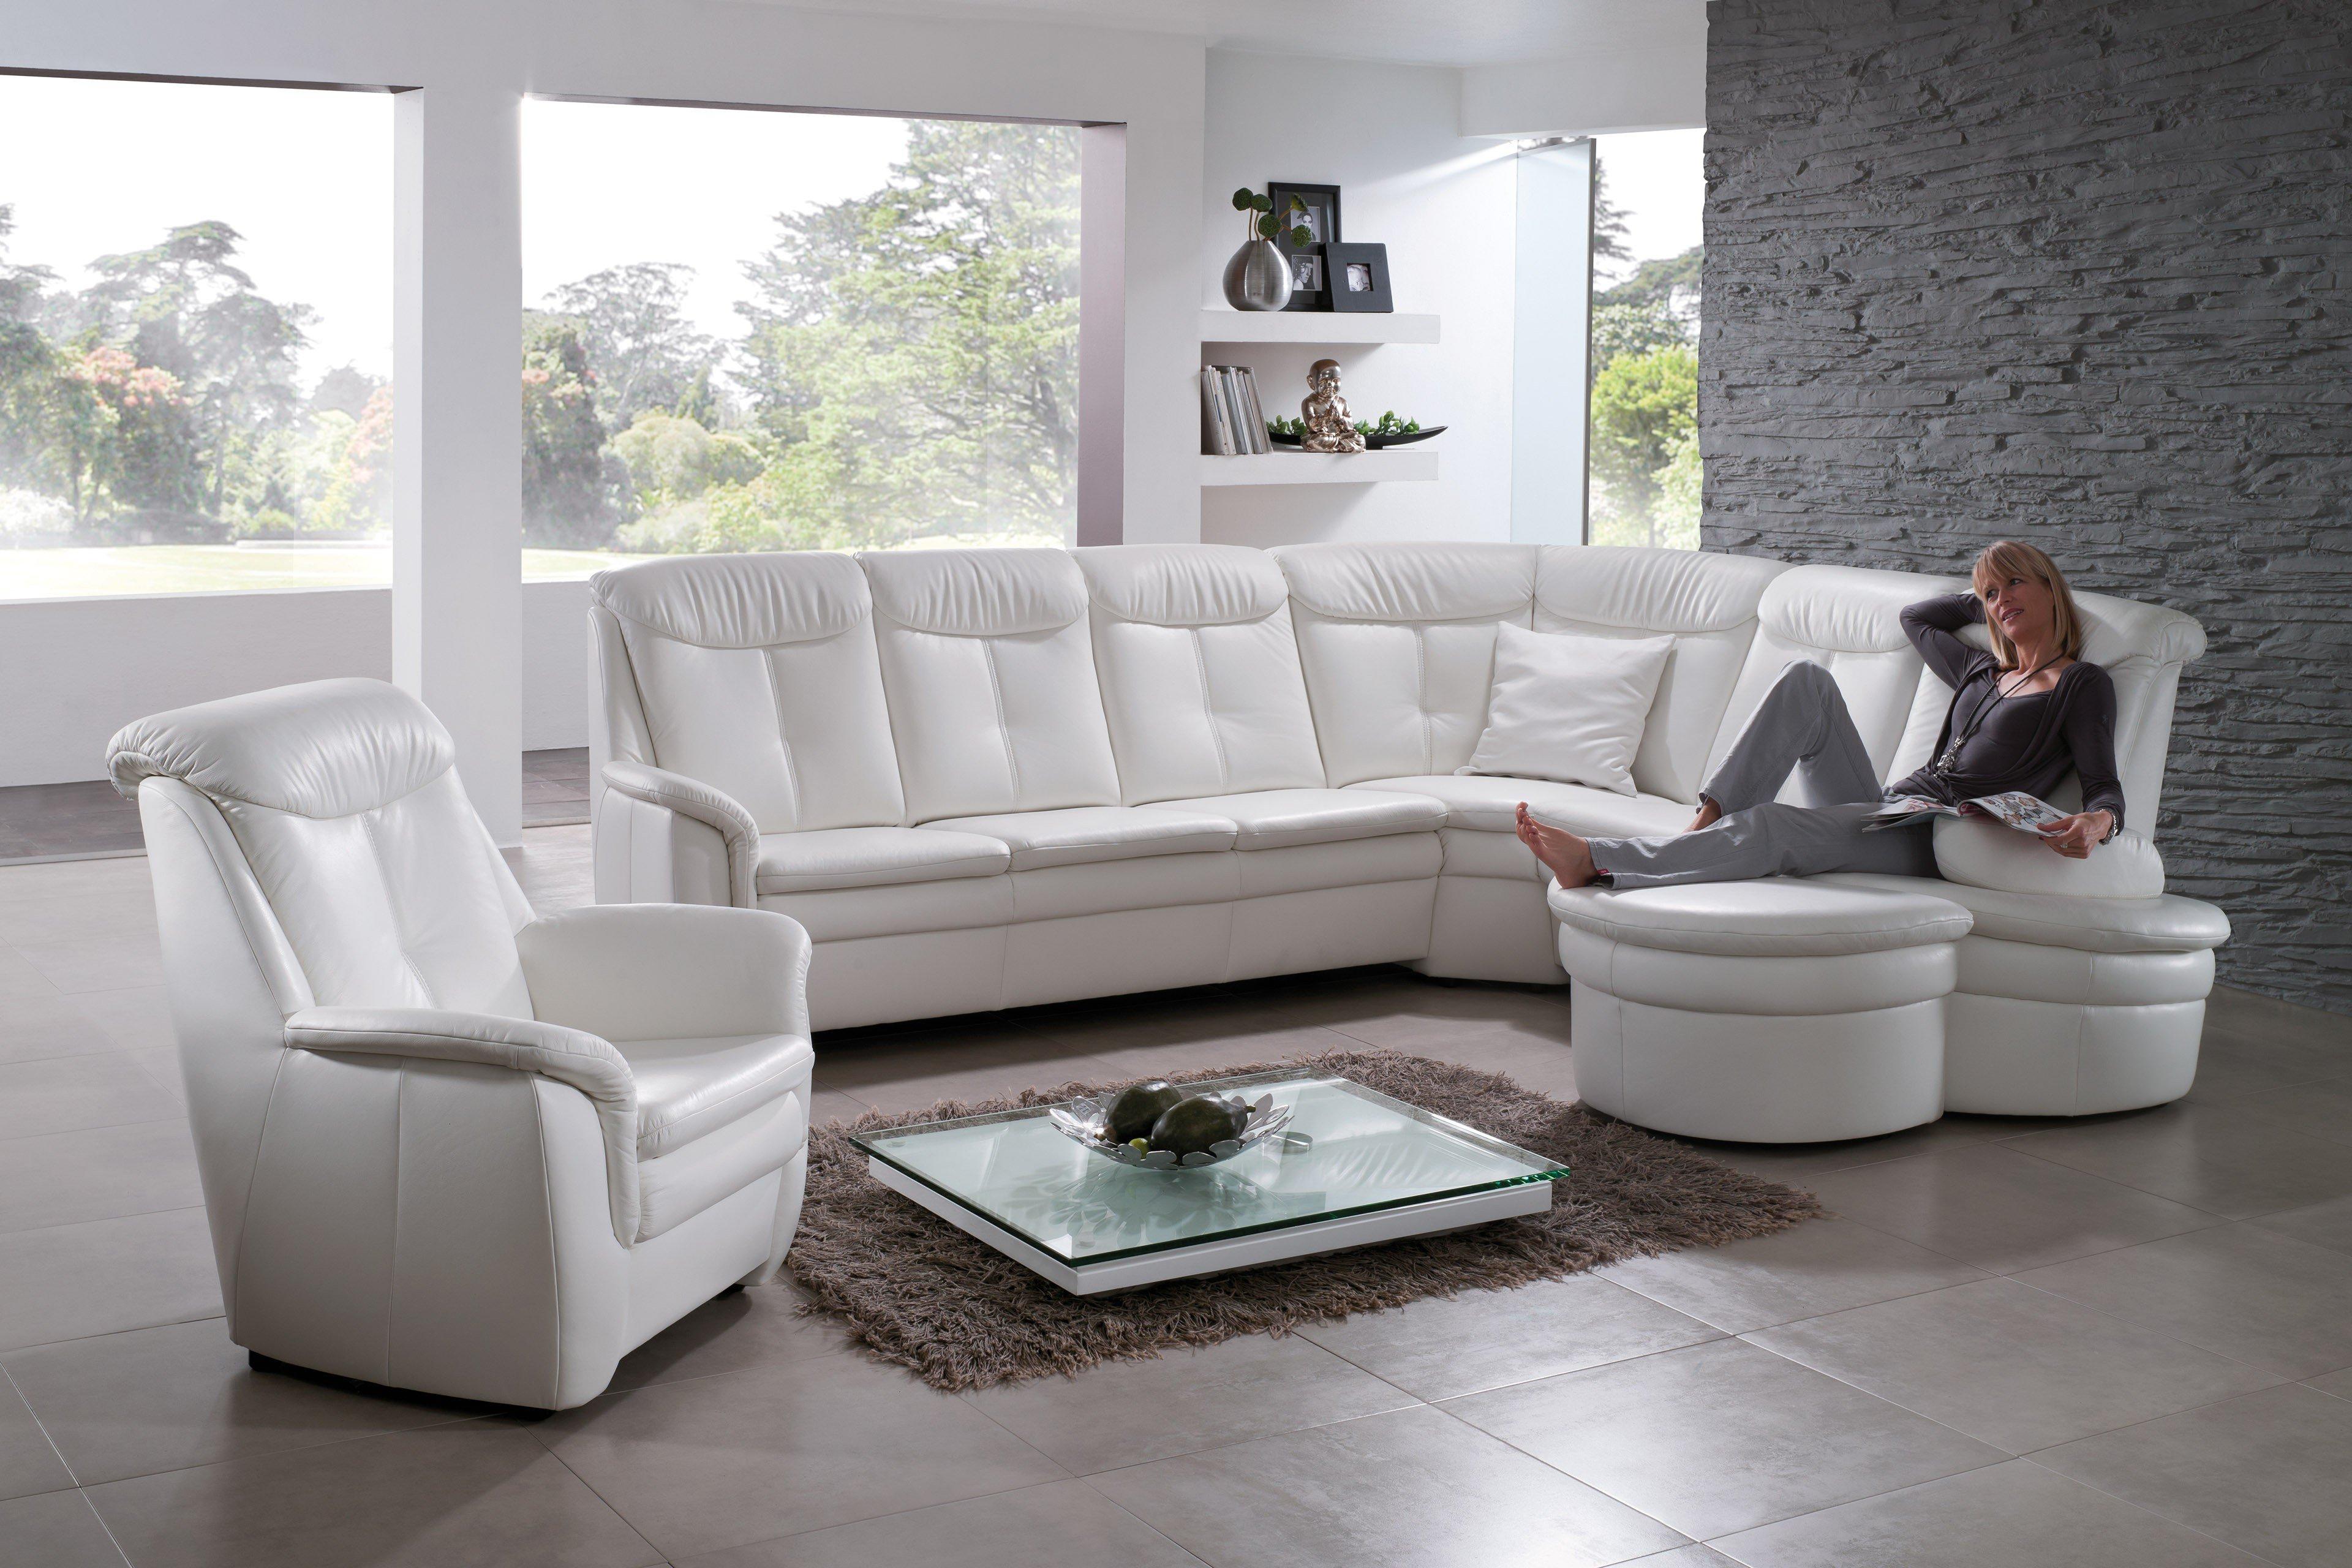 Dietsch Polstermöbel Troja Ledersofa weiß | Möbel Letz - Ihr Online-Shop